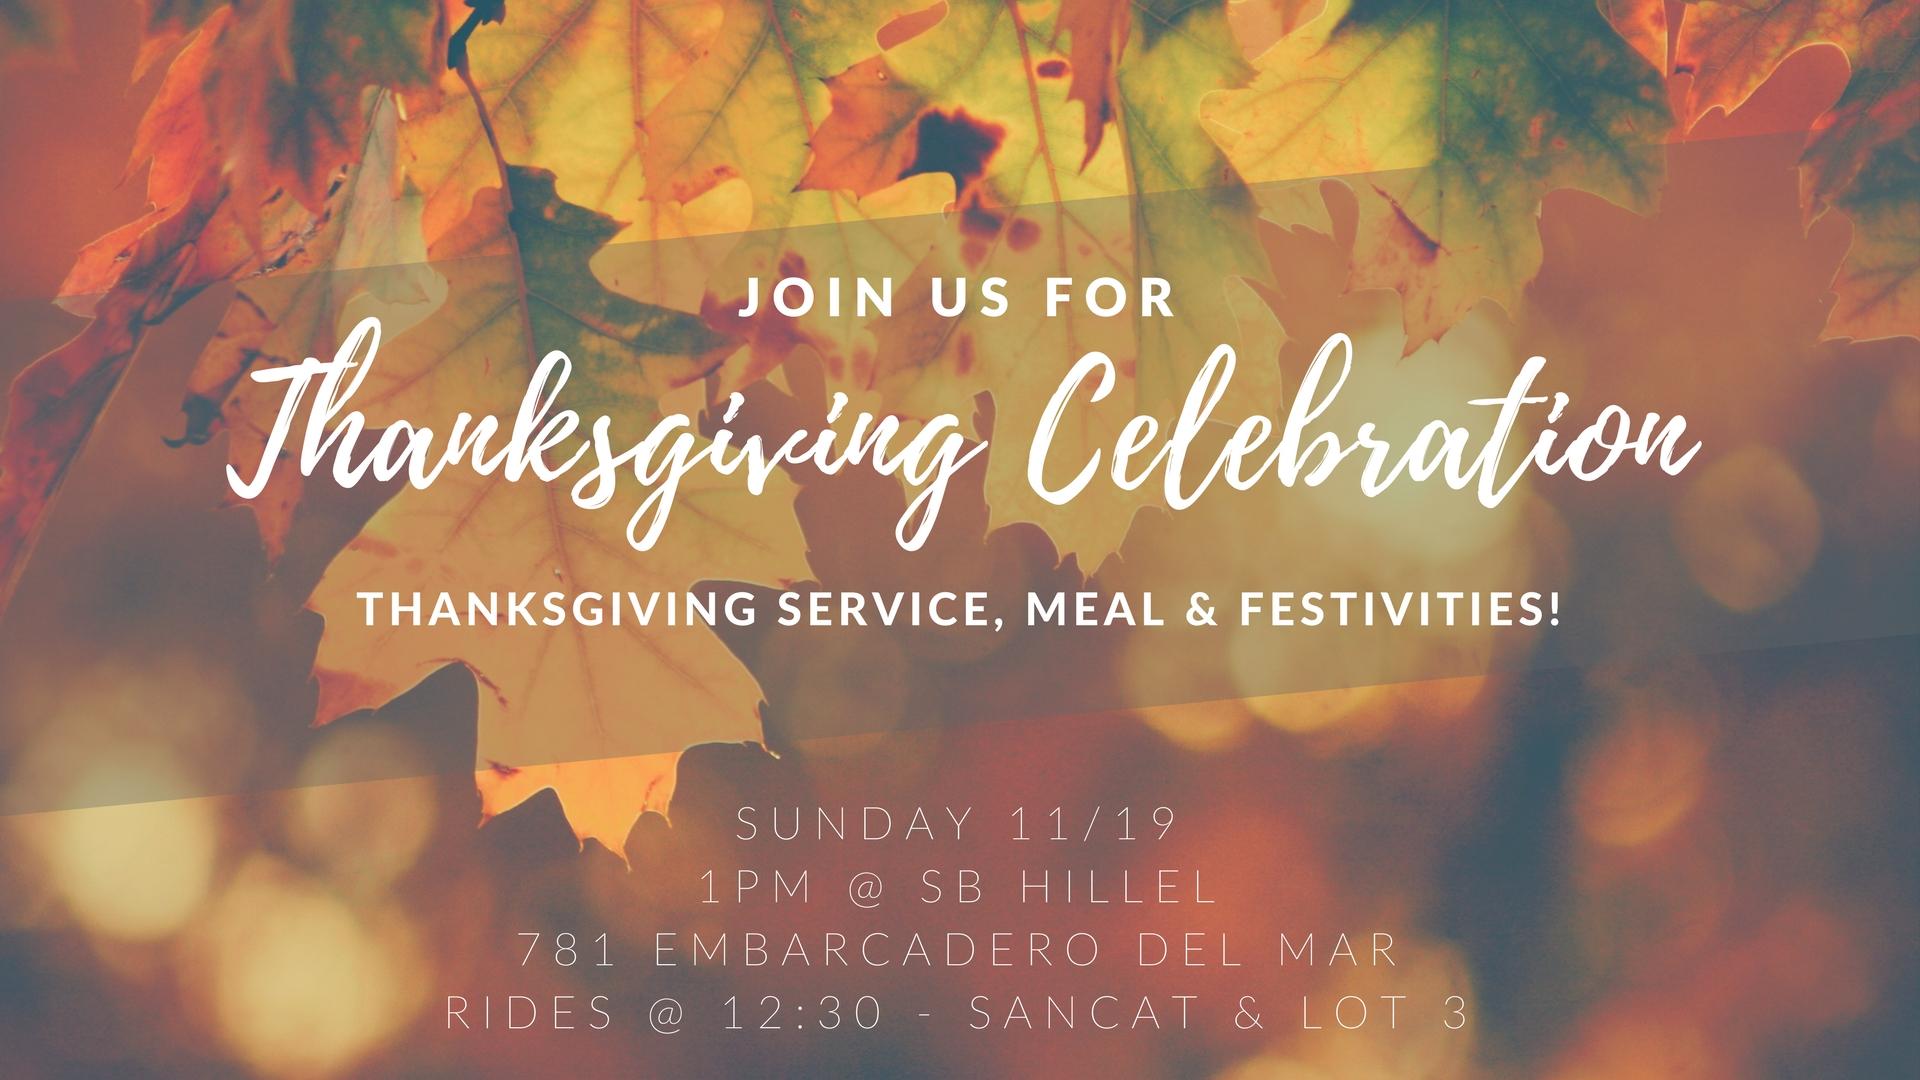 Thanksgiving Celebration.jpg